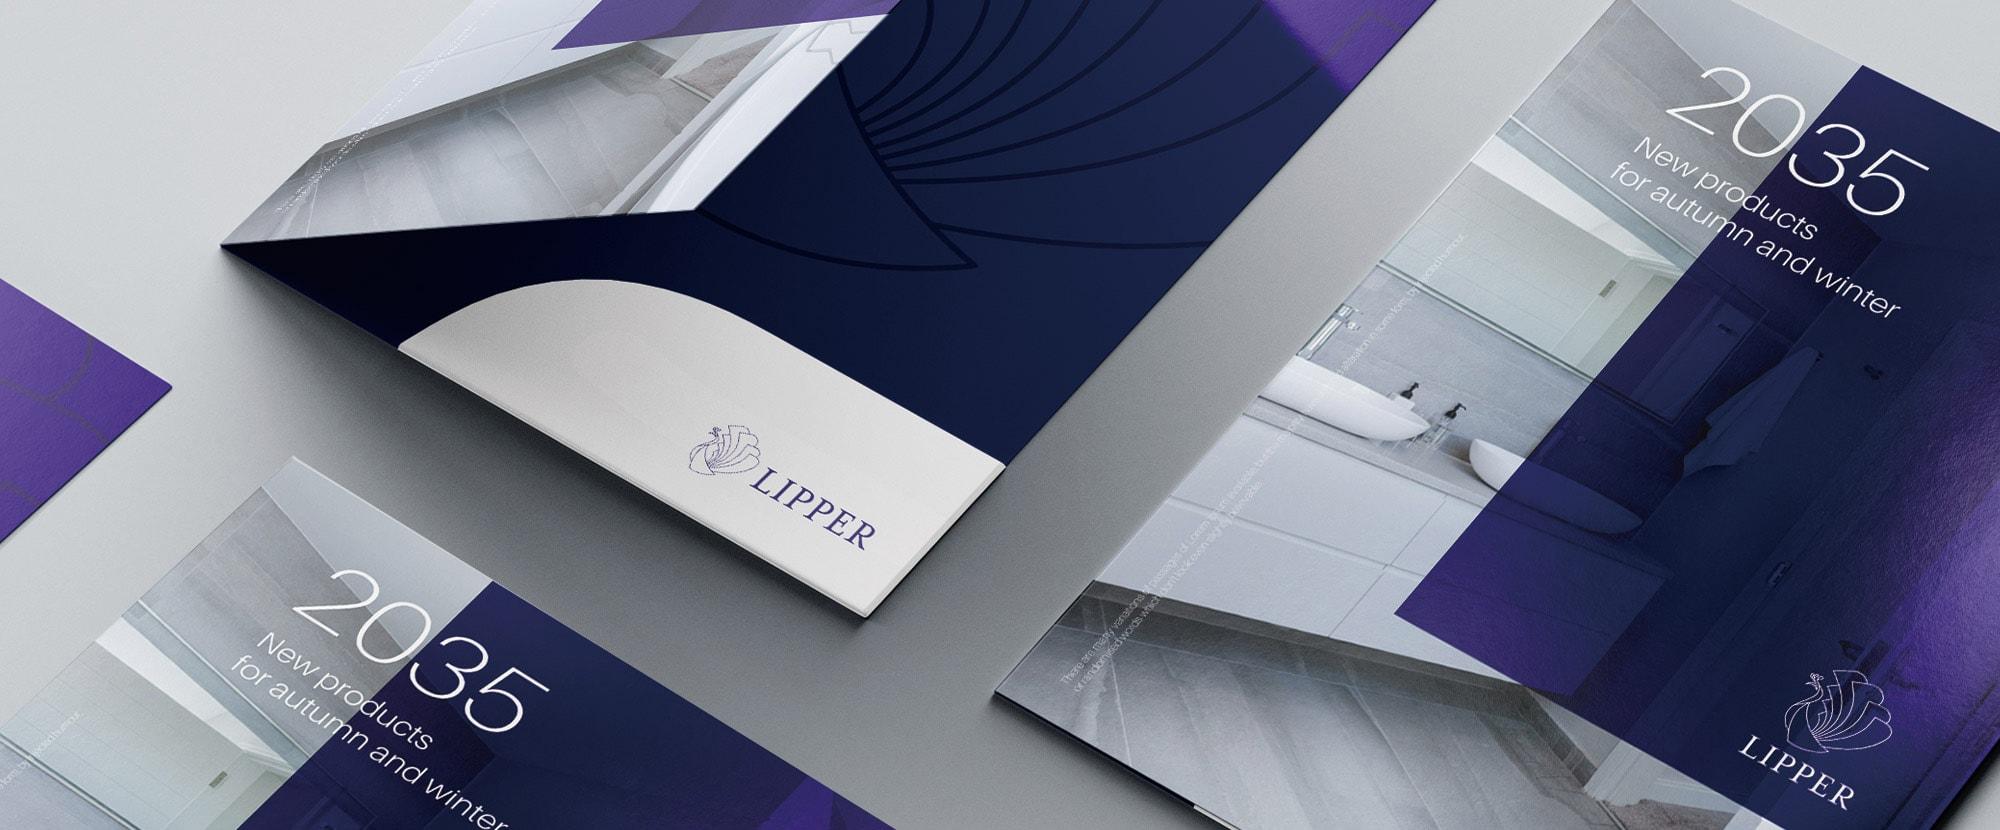 衛浴設備-LOGO設計推薦案例